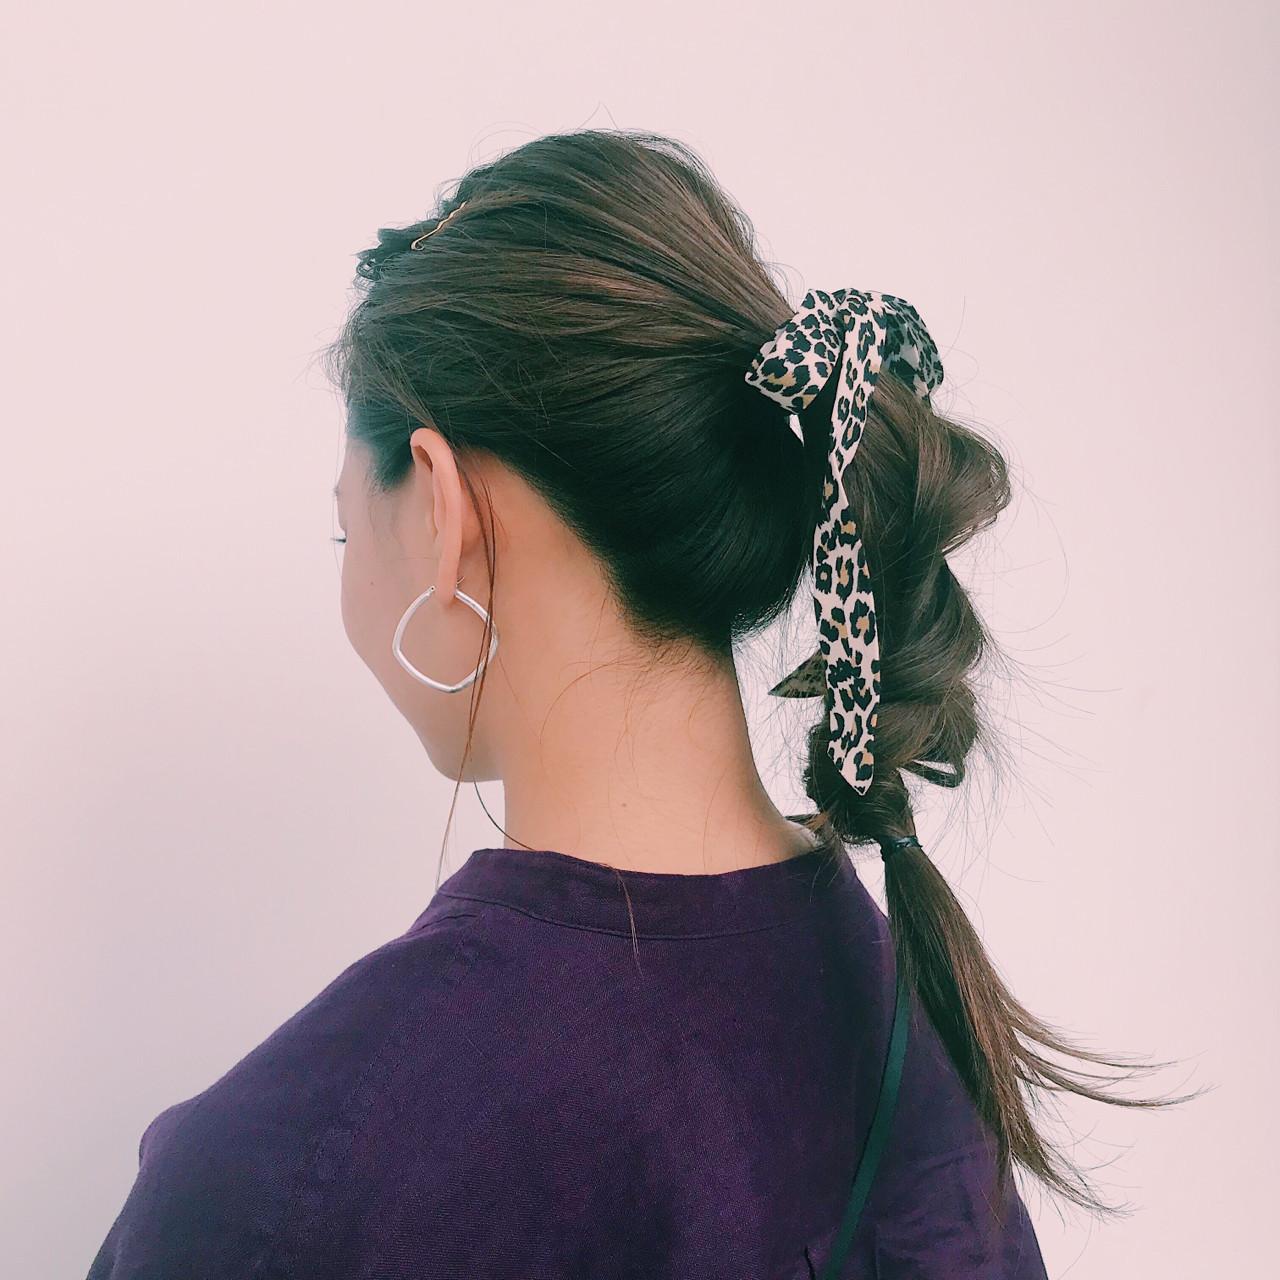 ヘアアレンジ くるりんぱ 簡単ヘアアレンジ ロング ヘアスタイルや髪型の写真・画像